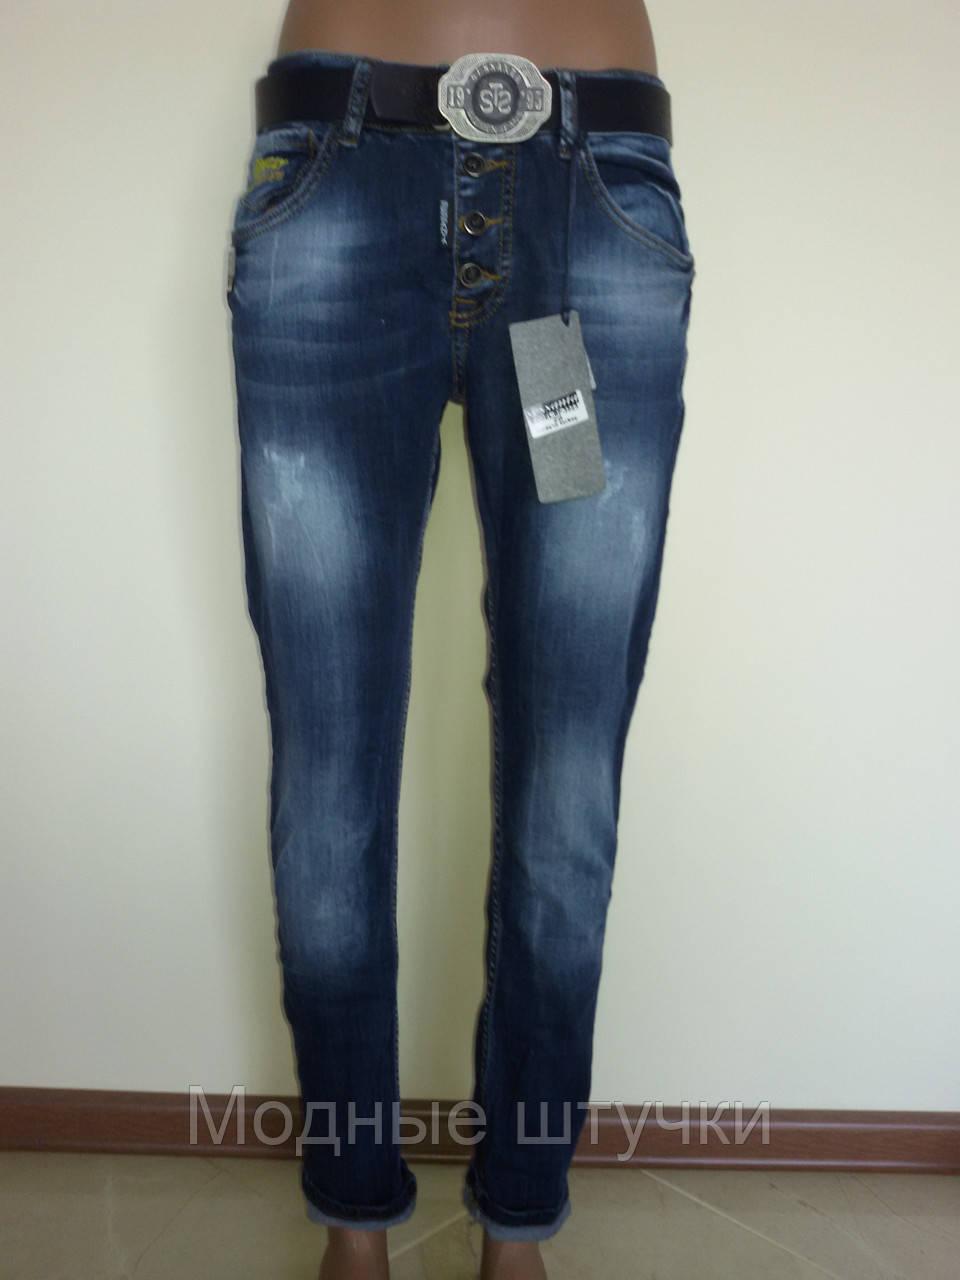 Купить джинсы бойфренды недорого доставка